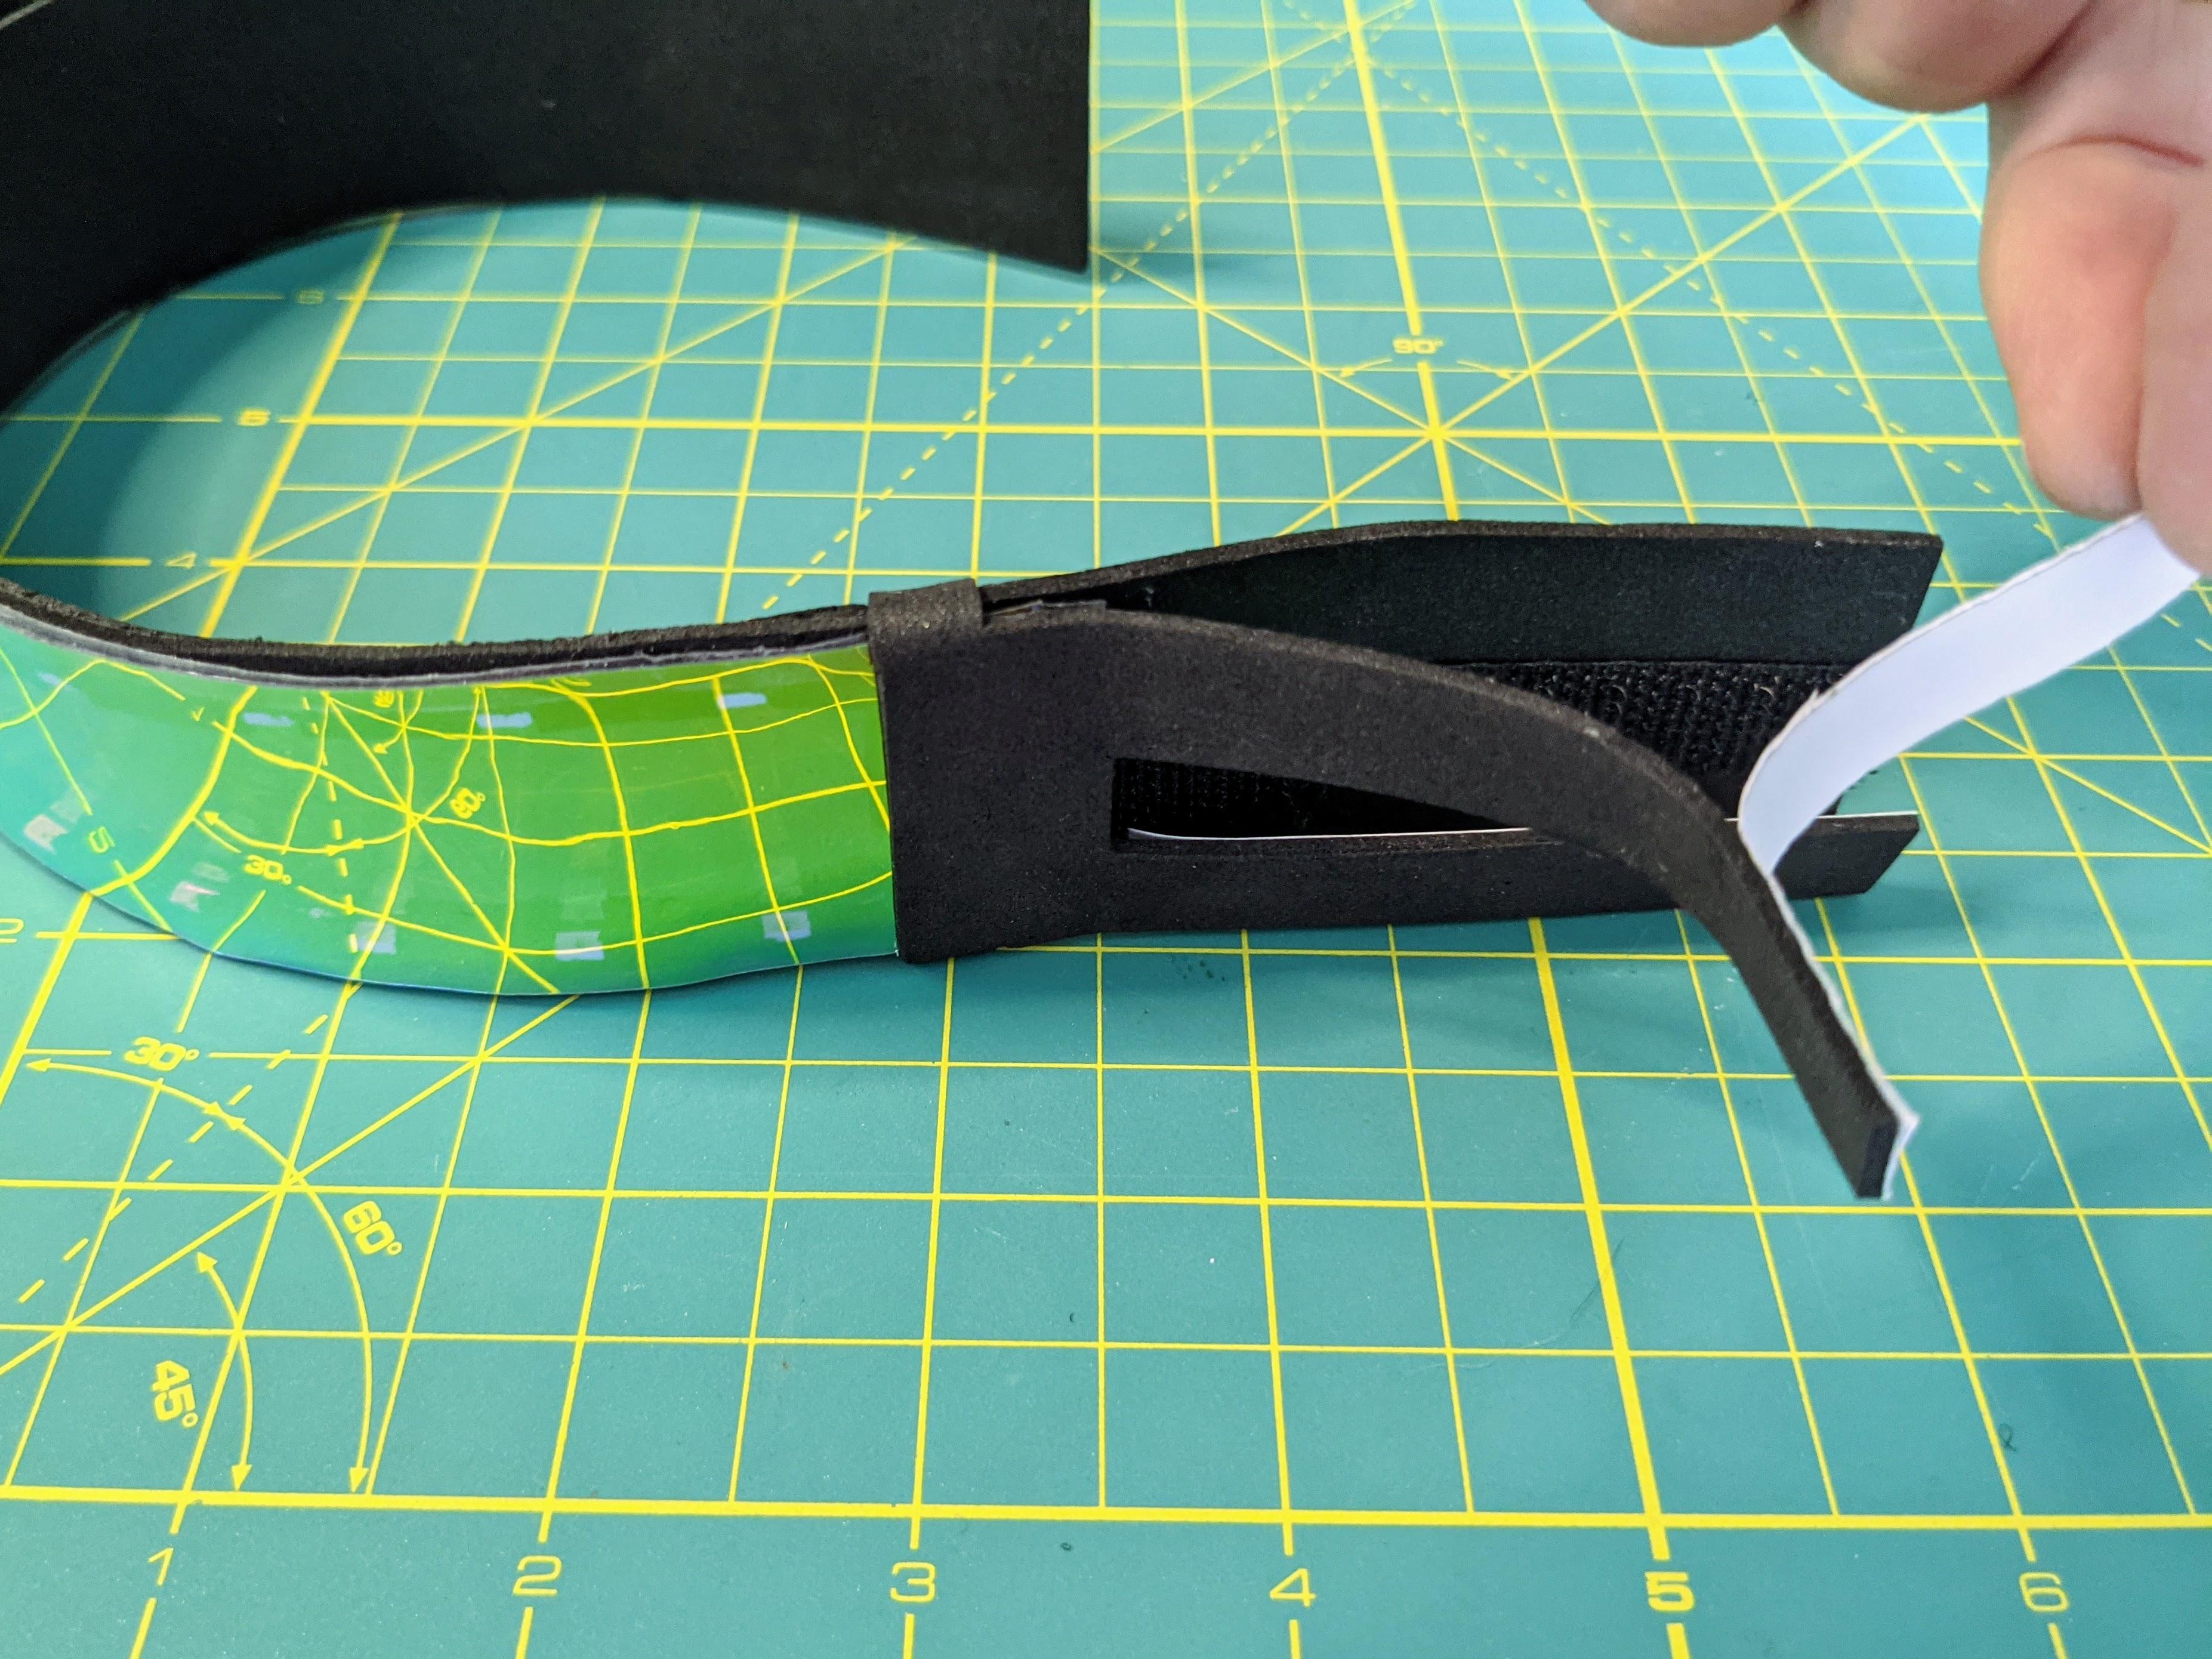 led_strips_PXL_20210125_200445463.jpg